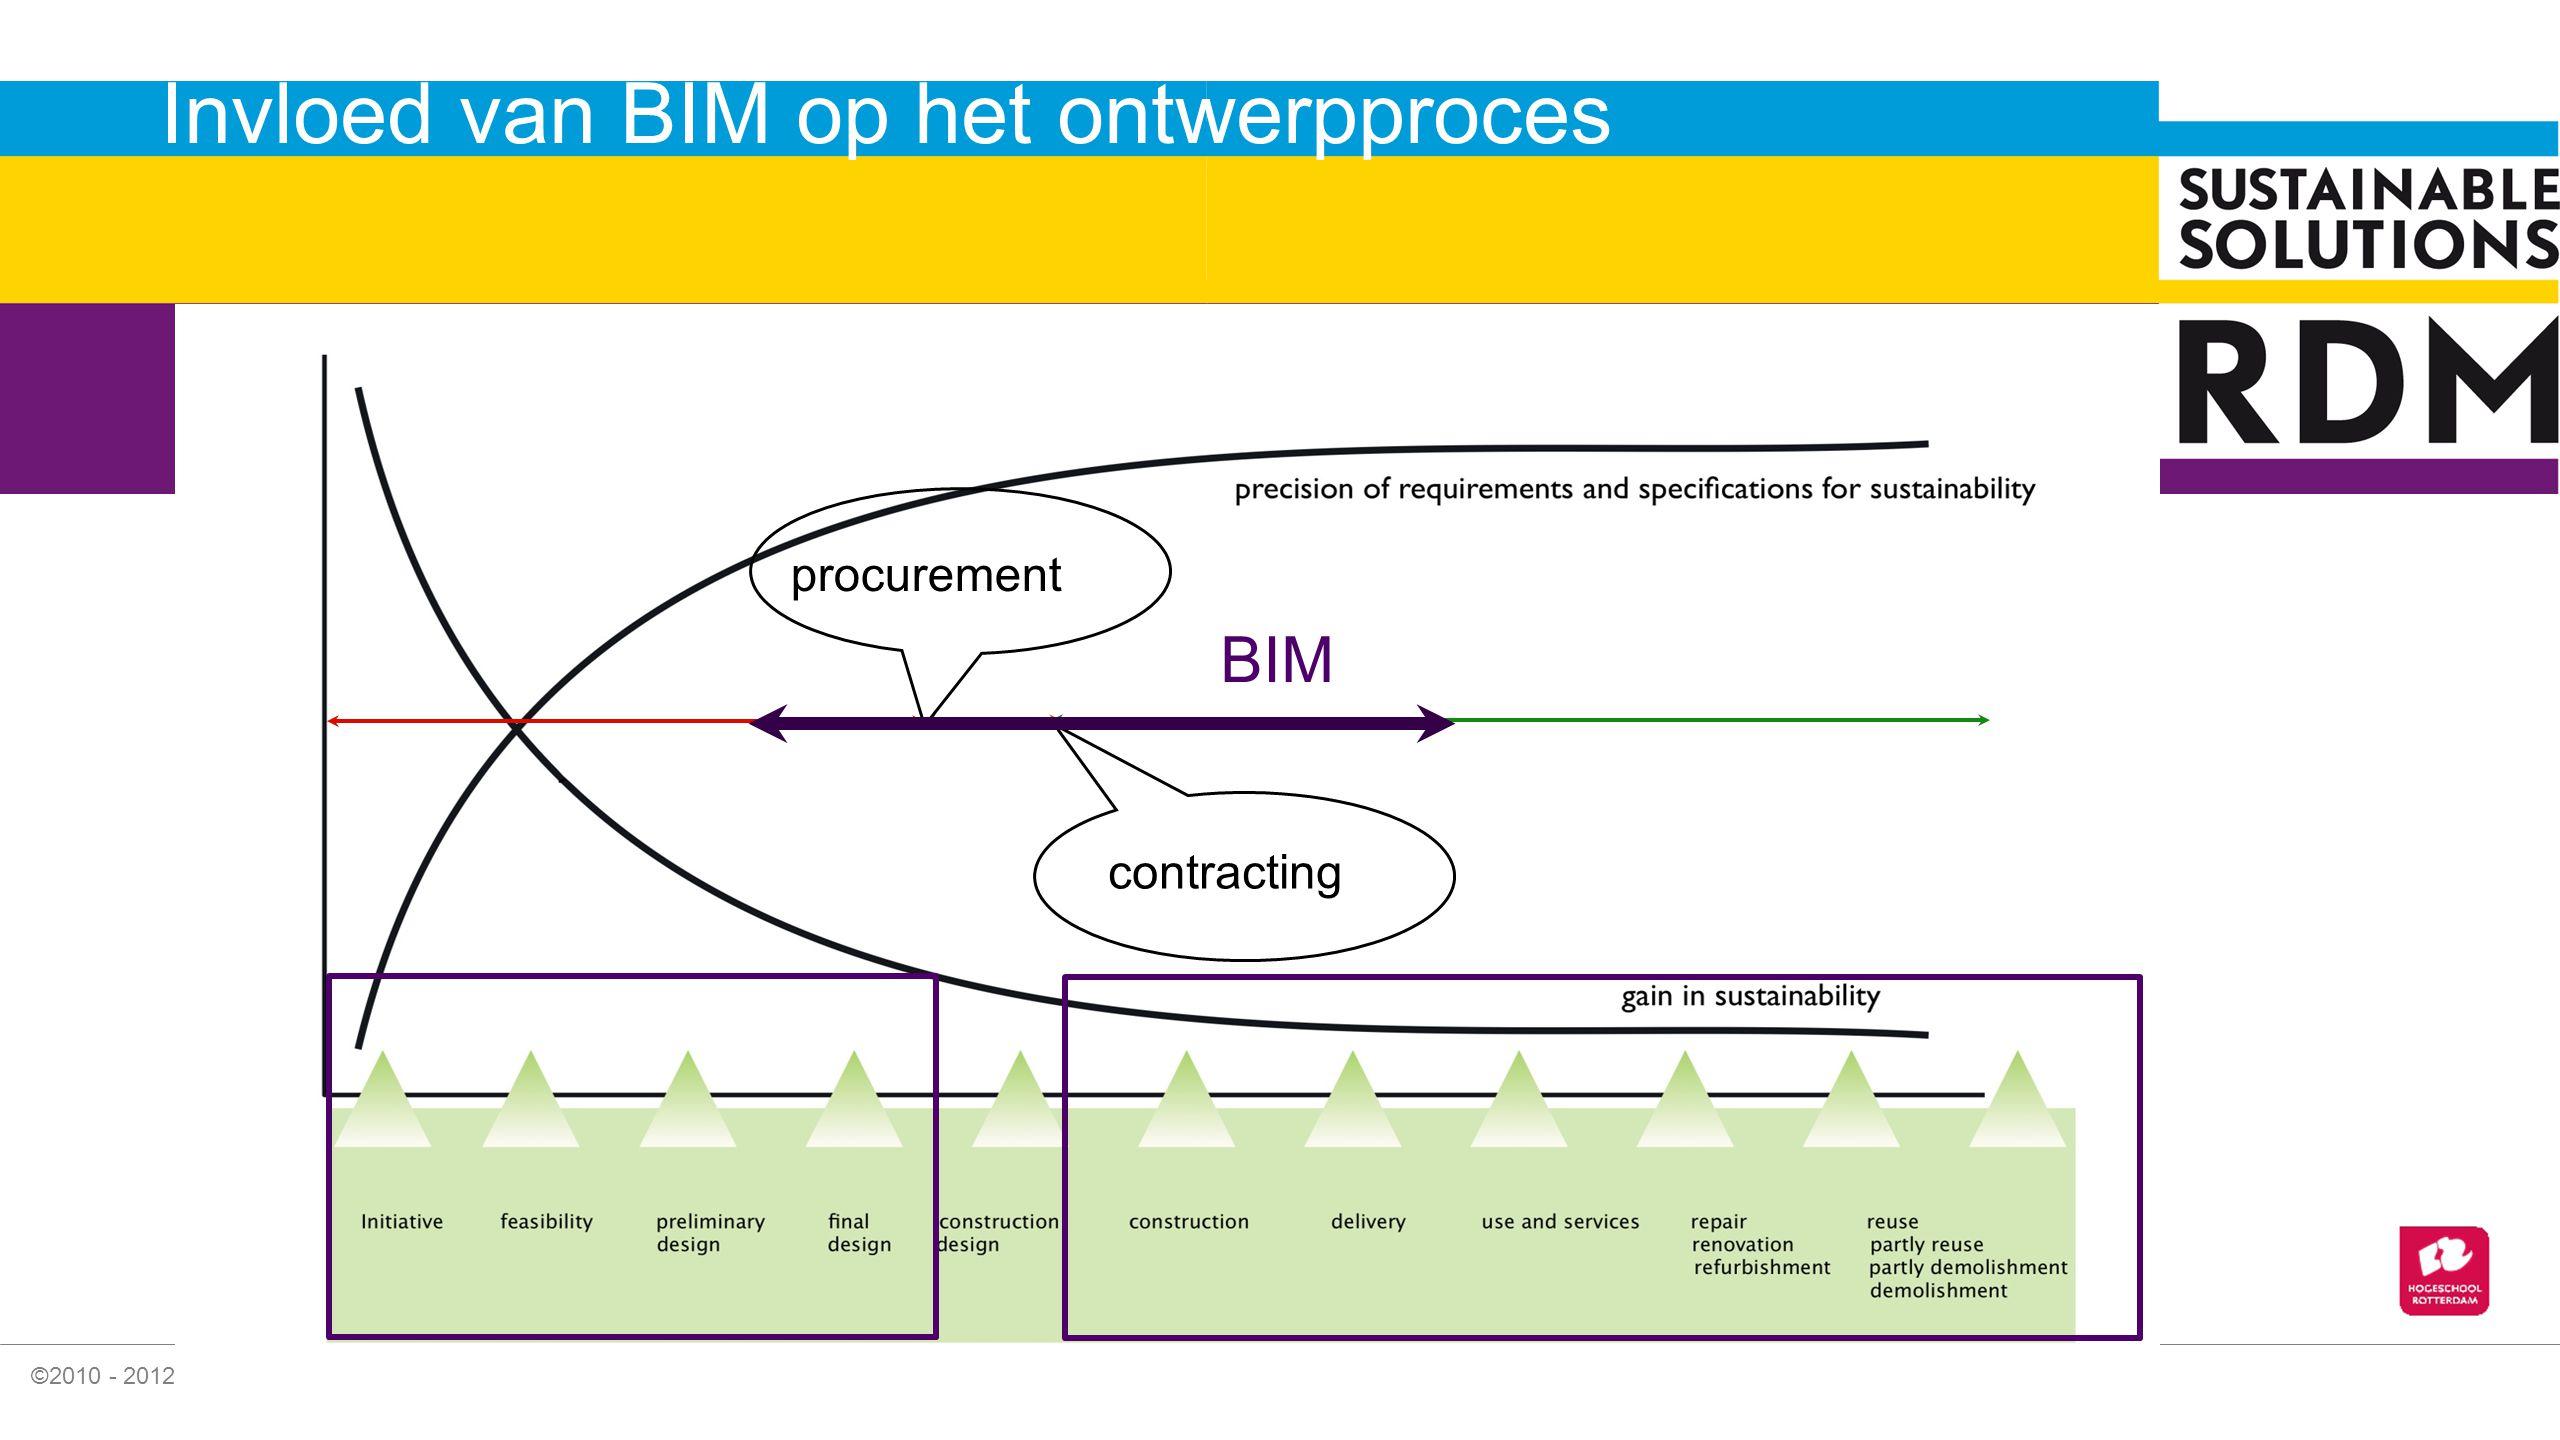 Invloed van BIM op het ontwerpproces